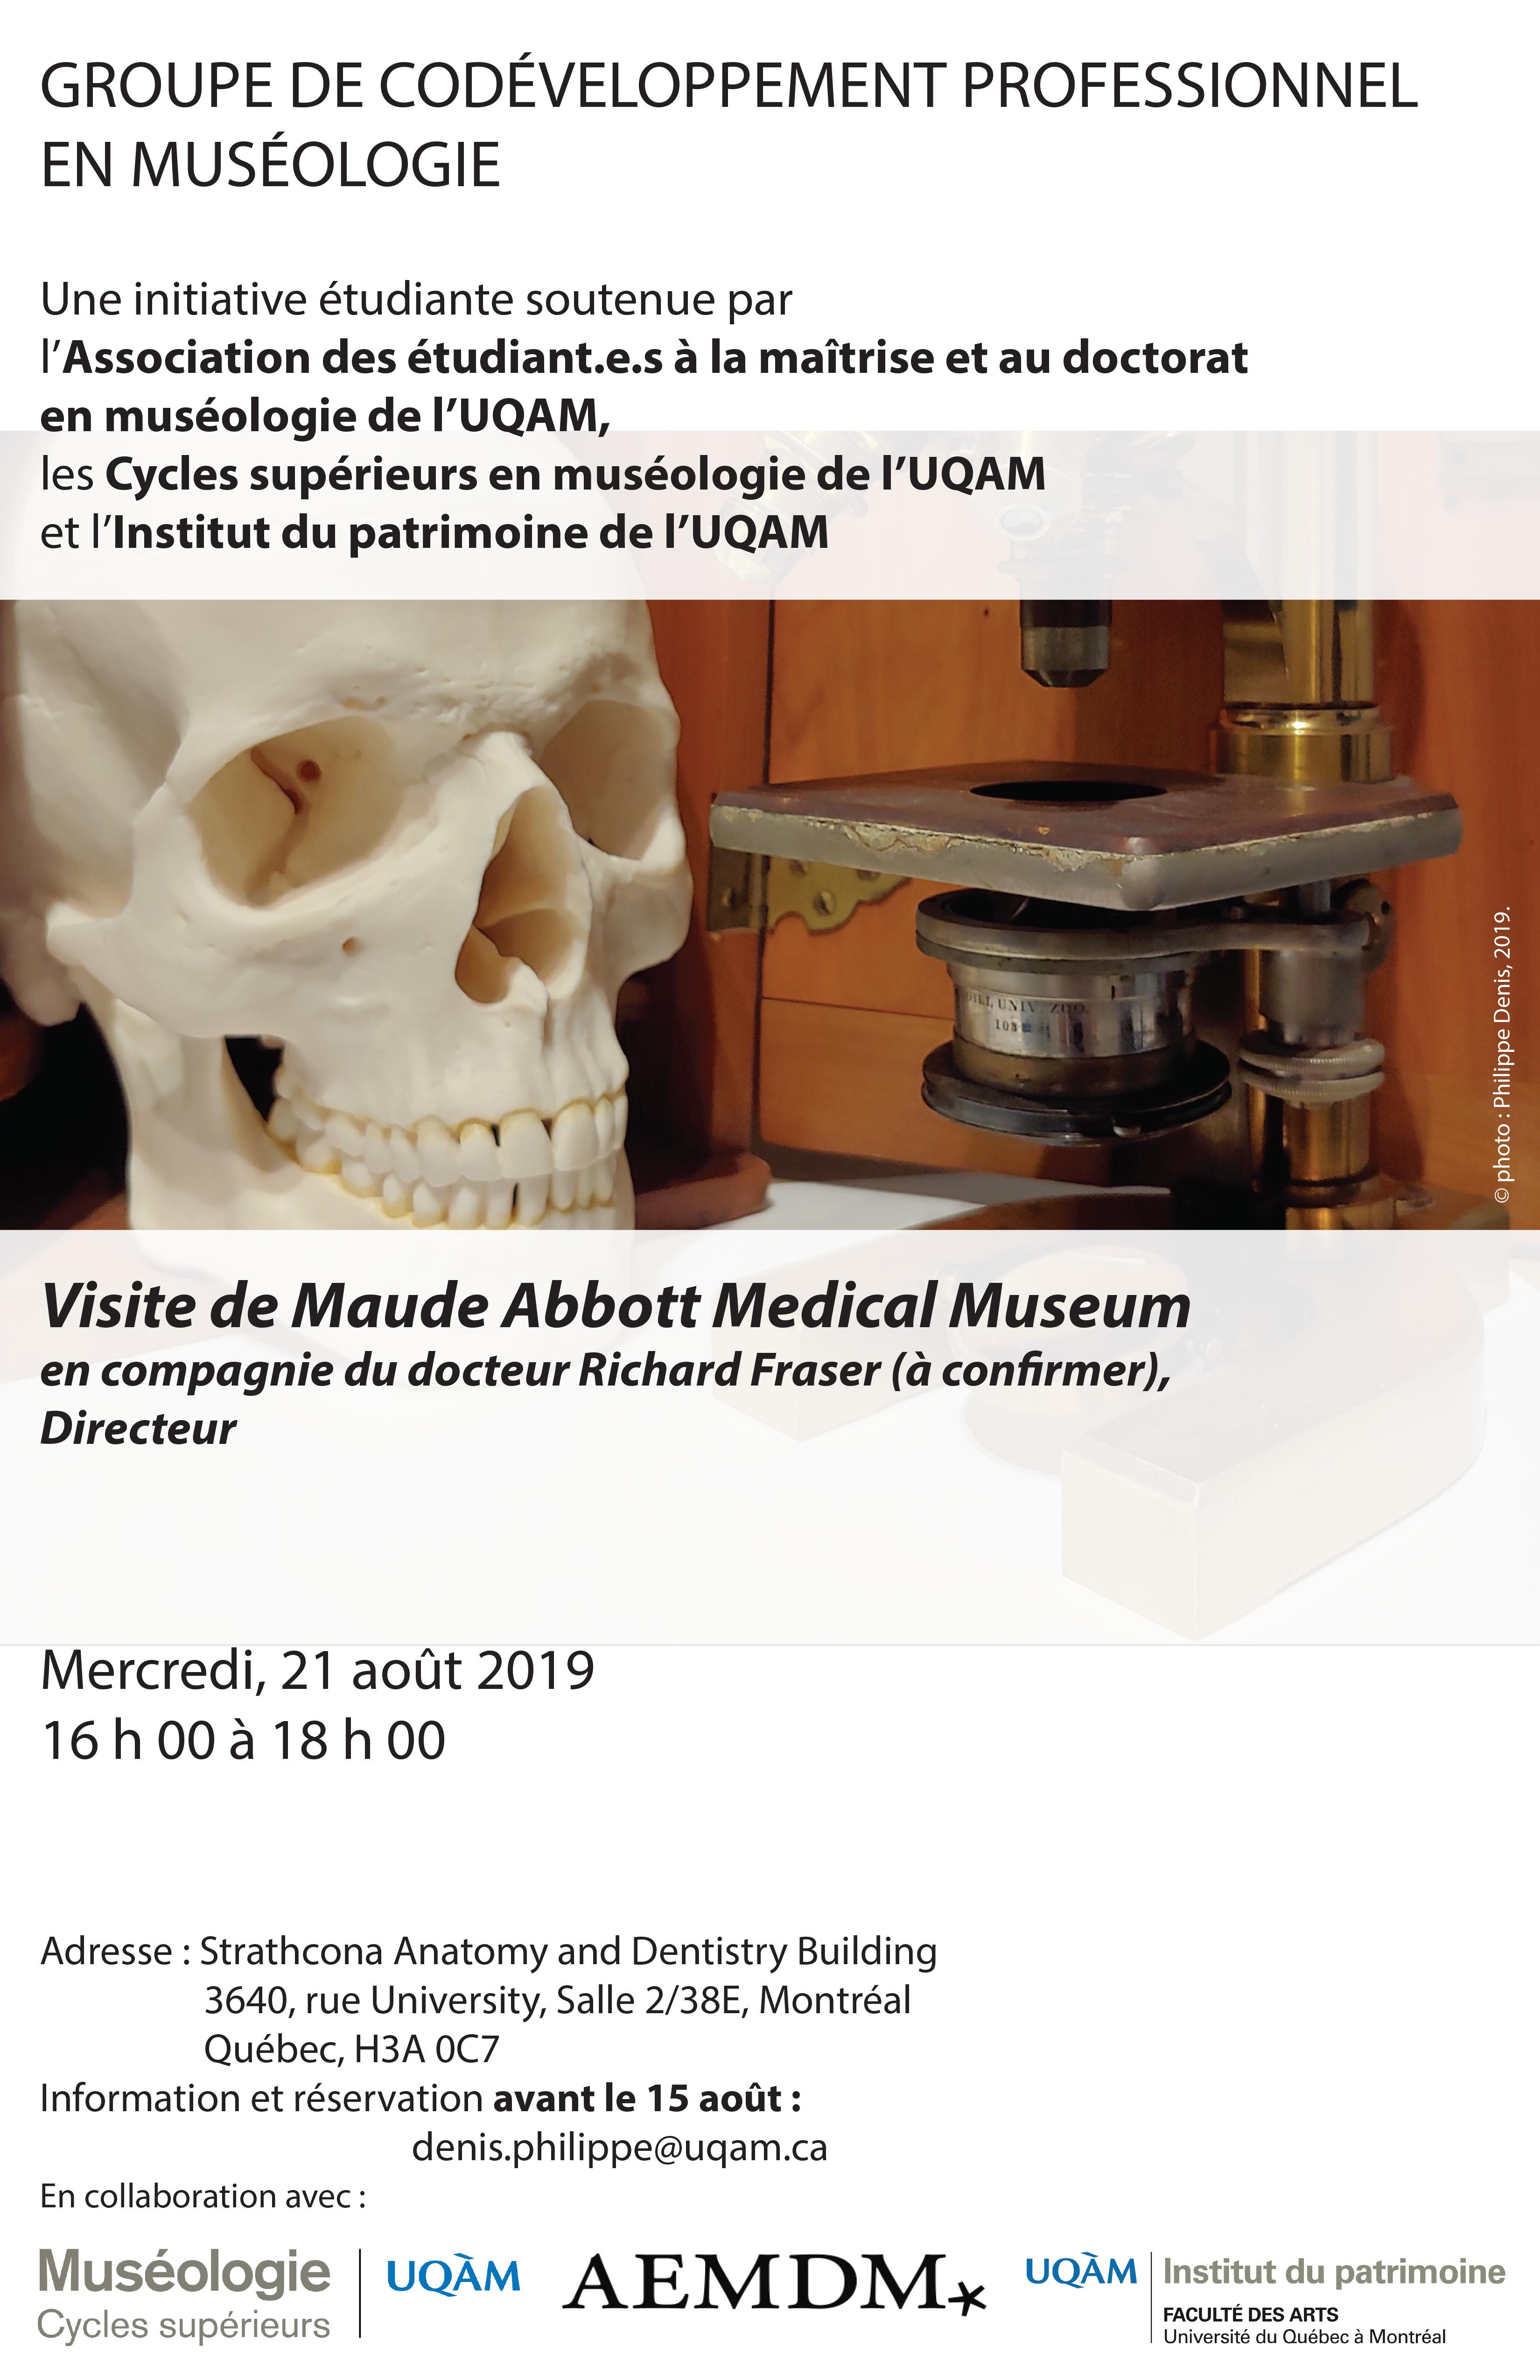 Groupe de codéveloppement professionnel en muséologie / Maude Abbott Medical Museum